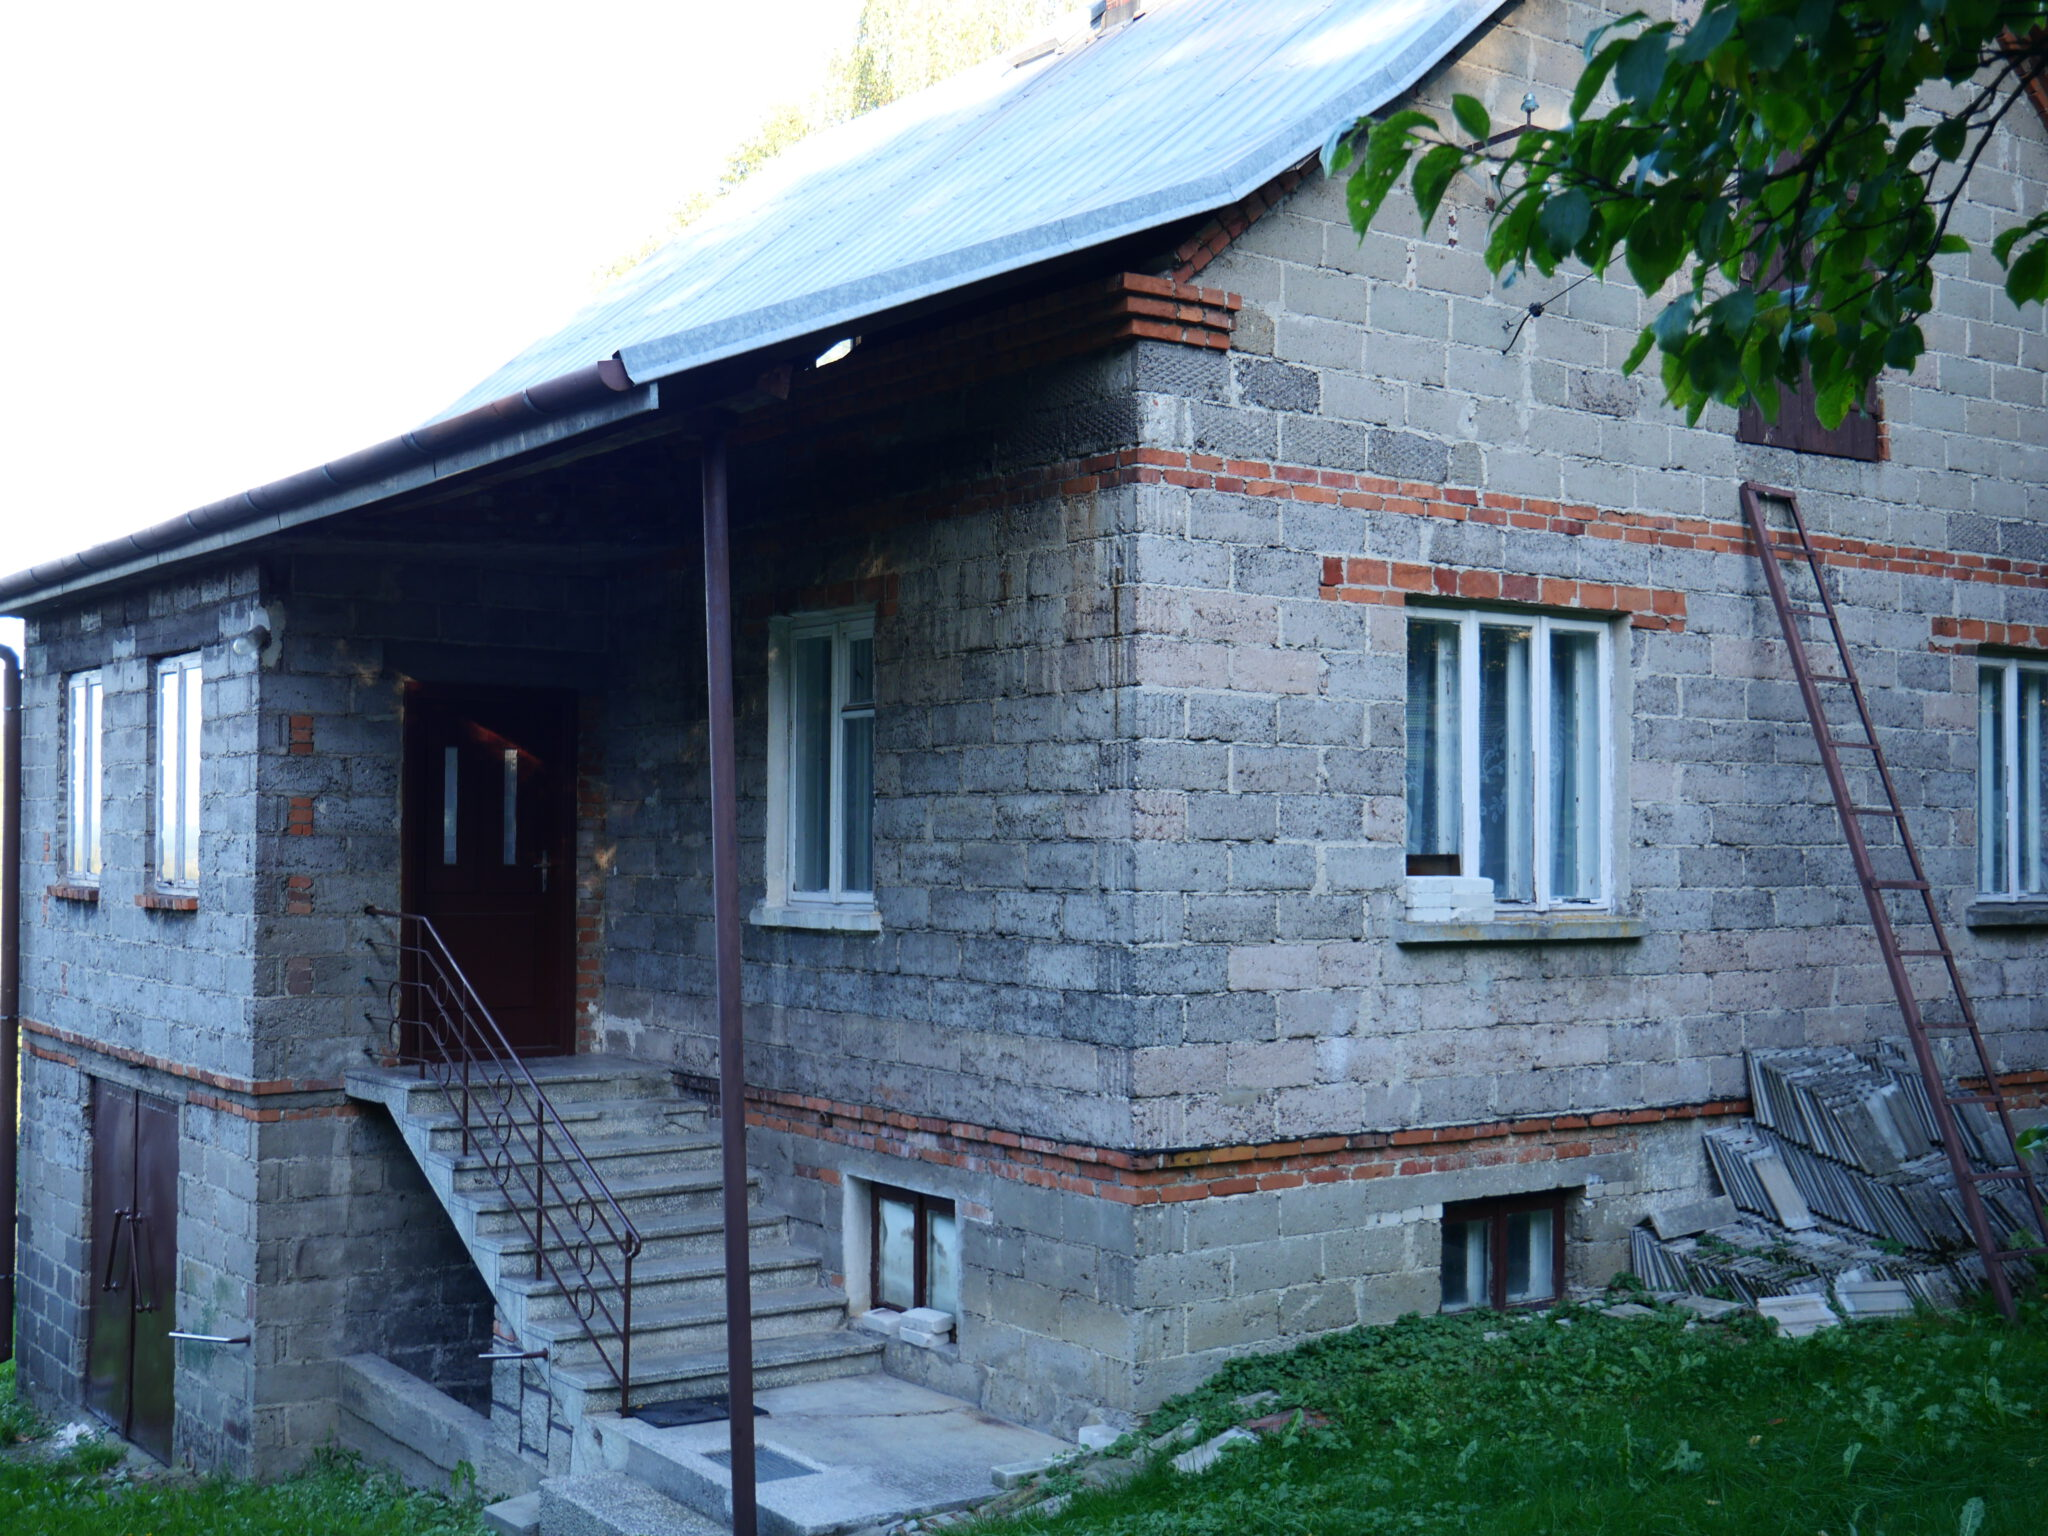 Działka budowlana na sprzedaż, 1,13 ha, Nagawczyna